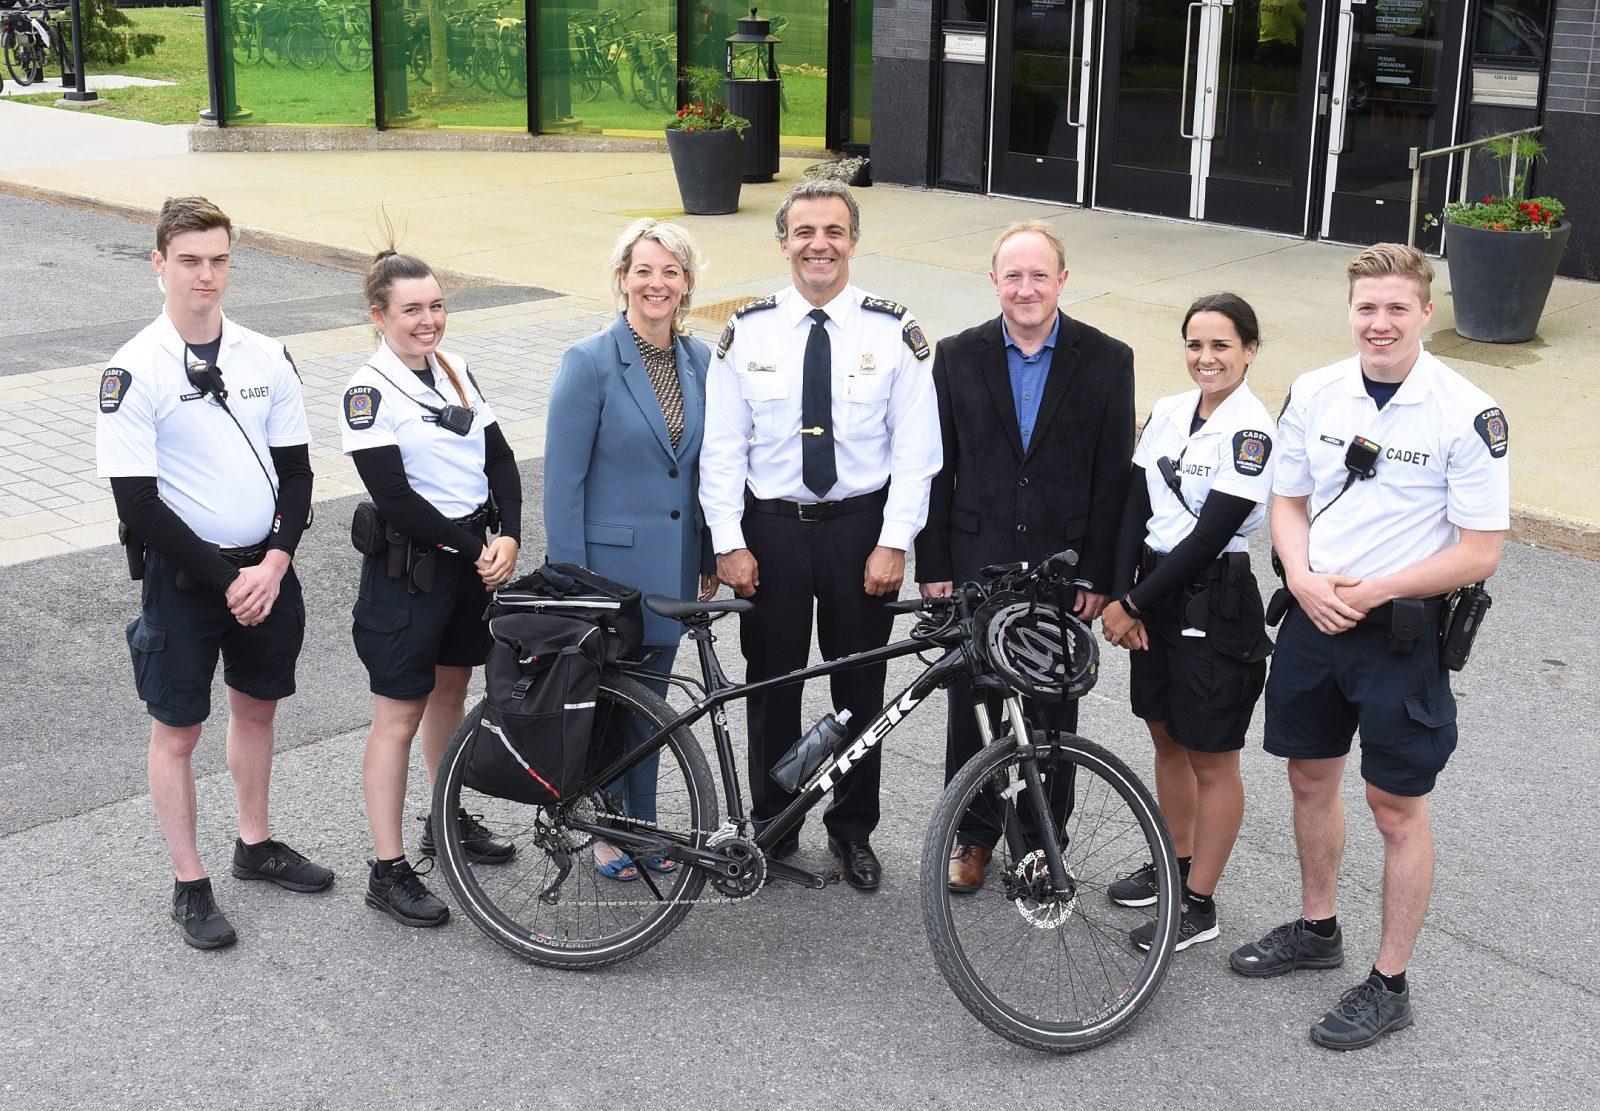 Les cadets de l'agglomération de Longueuil enfourchent leur vélo pour une 6e année